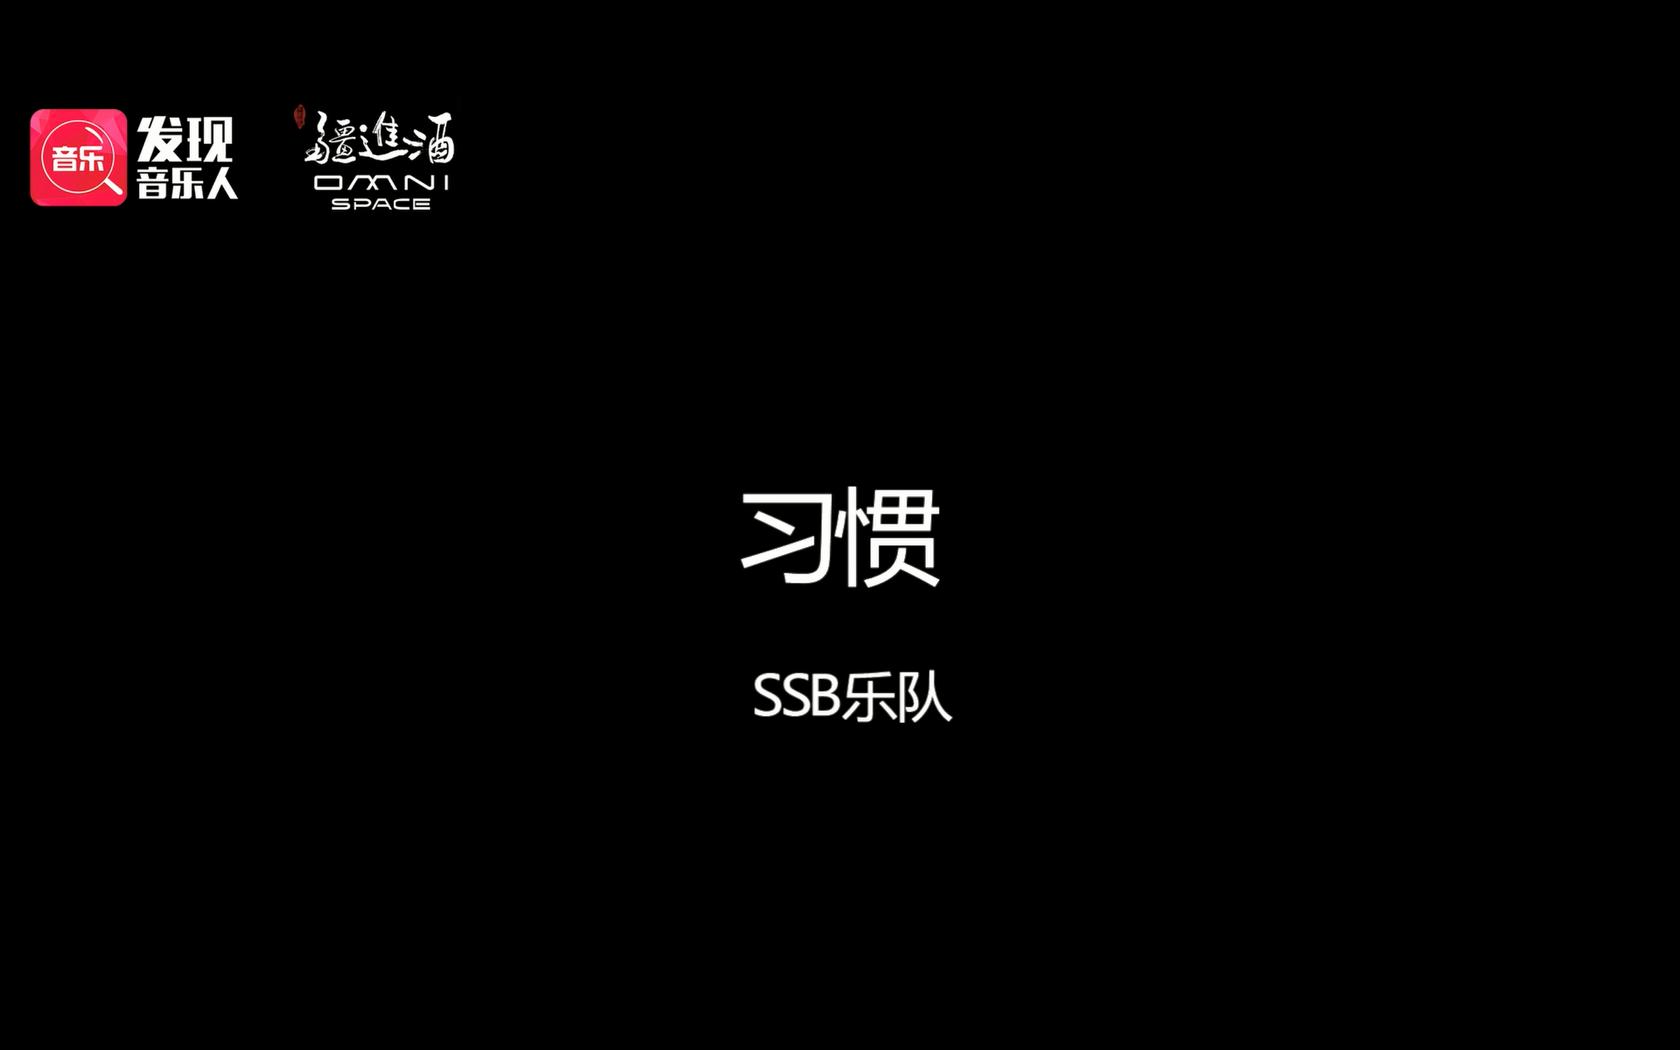 习惯-SSB乐队